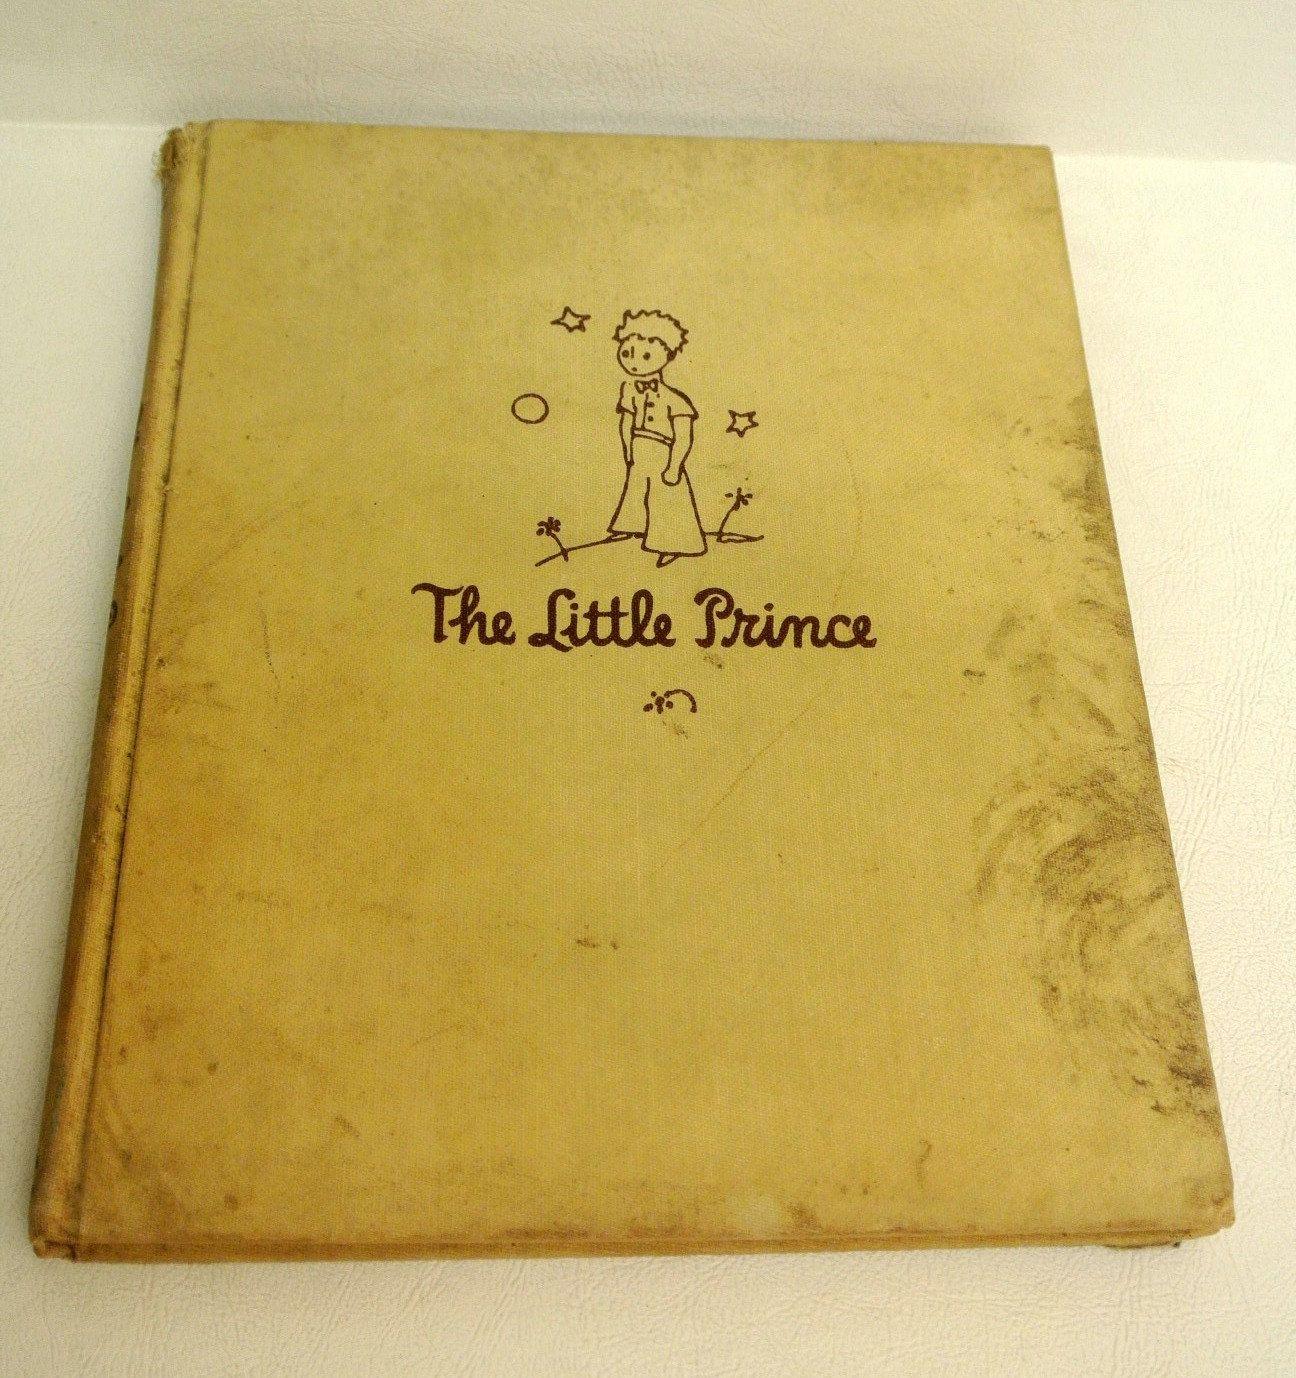 Vintage Original Children 39 S Book The Little Prince By Antoine De Saint Exupery Collectibles The Little Prince Forever Book Little Prince Tattoo